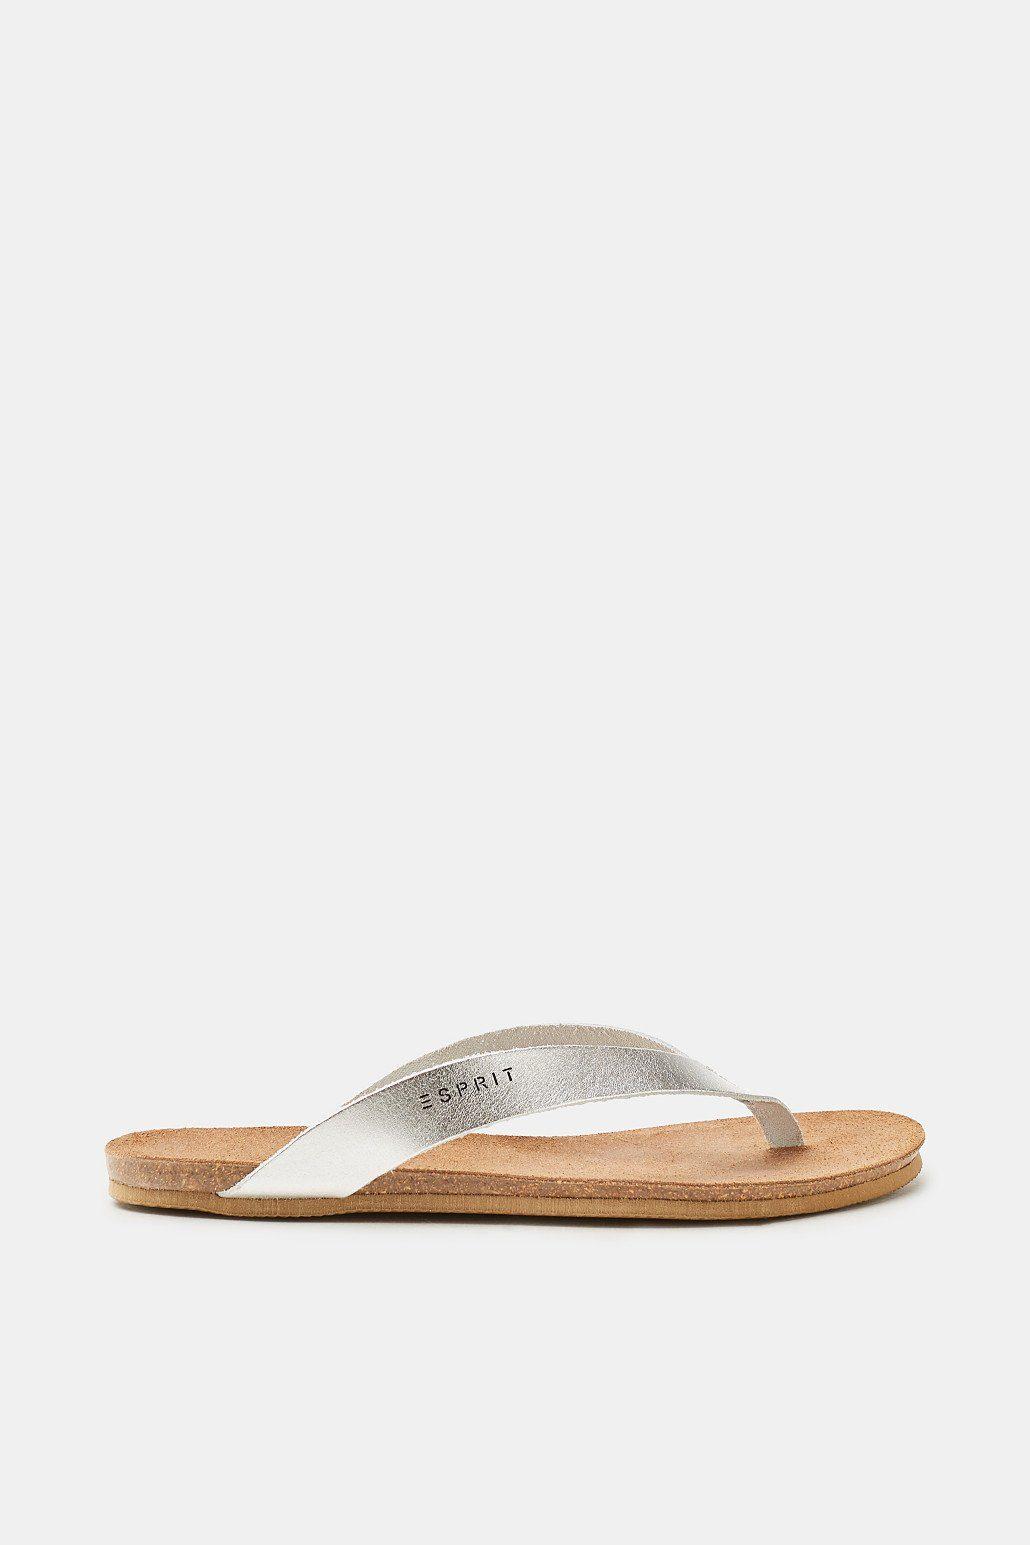 Esprit Leder-Zehentrenner mit angedeutetem Fußbett für Damen, Größe 40, White